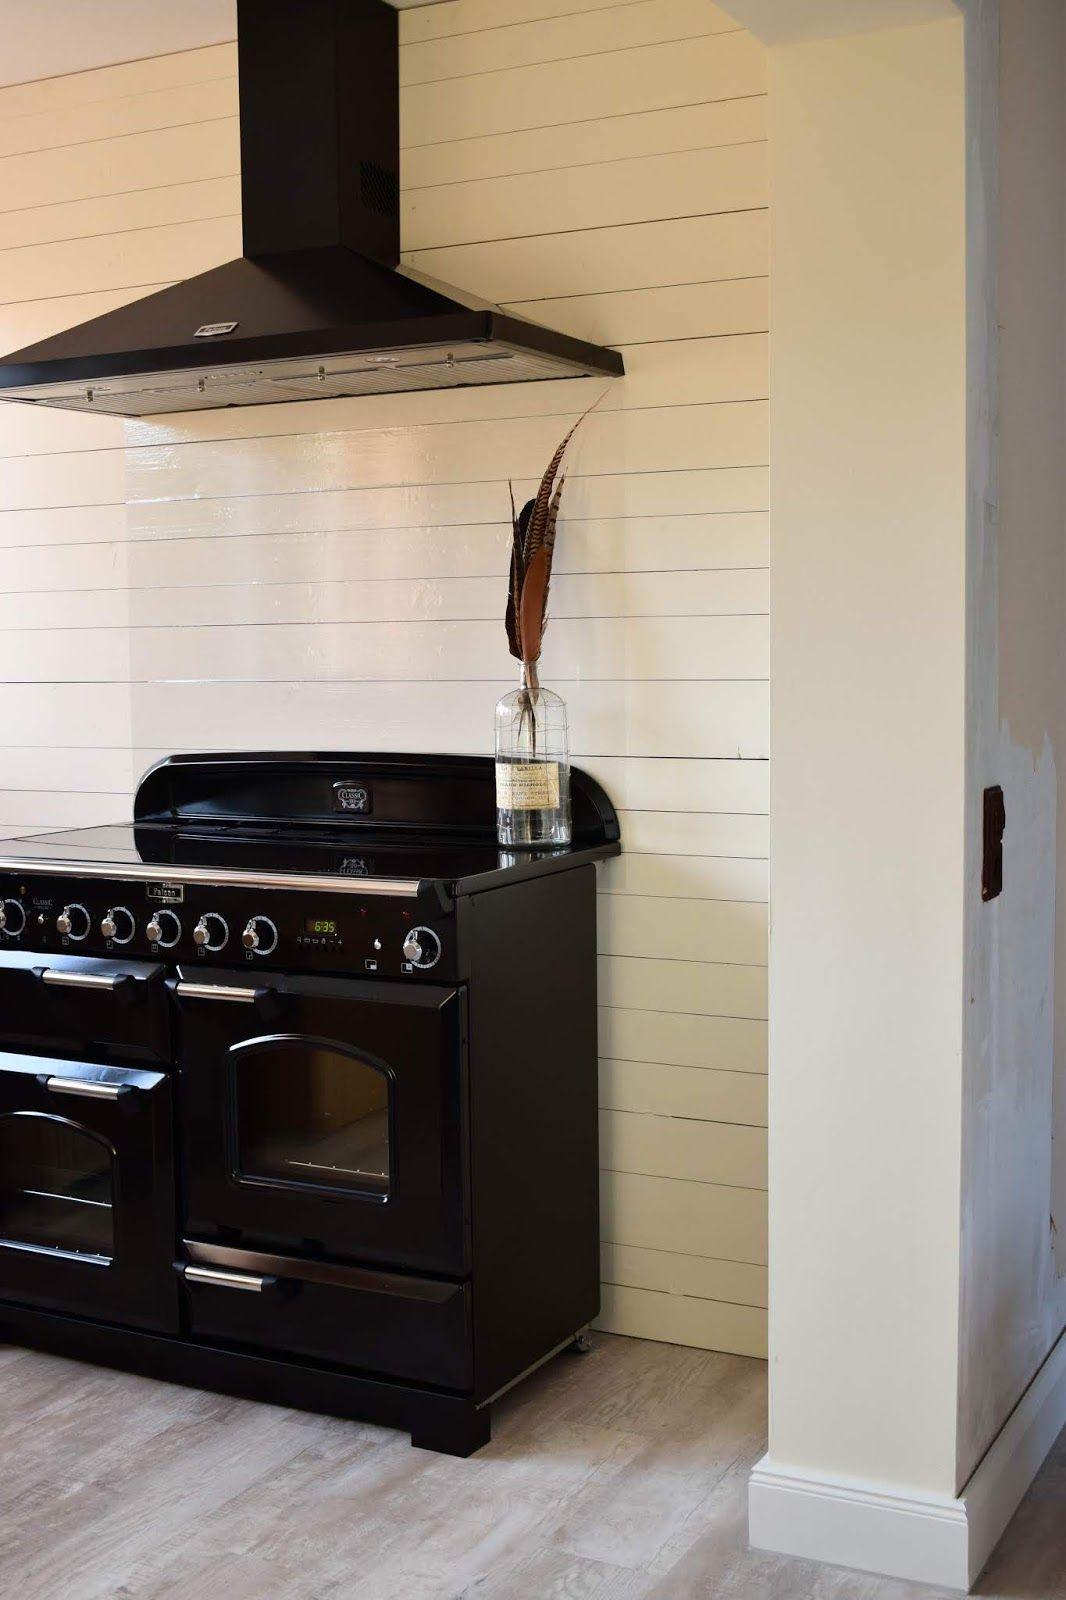 Einfacher und günstiger Spritzschutz für die Küche  Küche diy, Küche